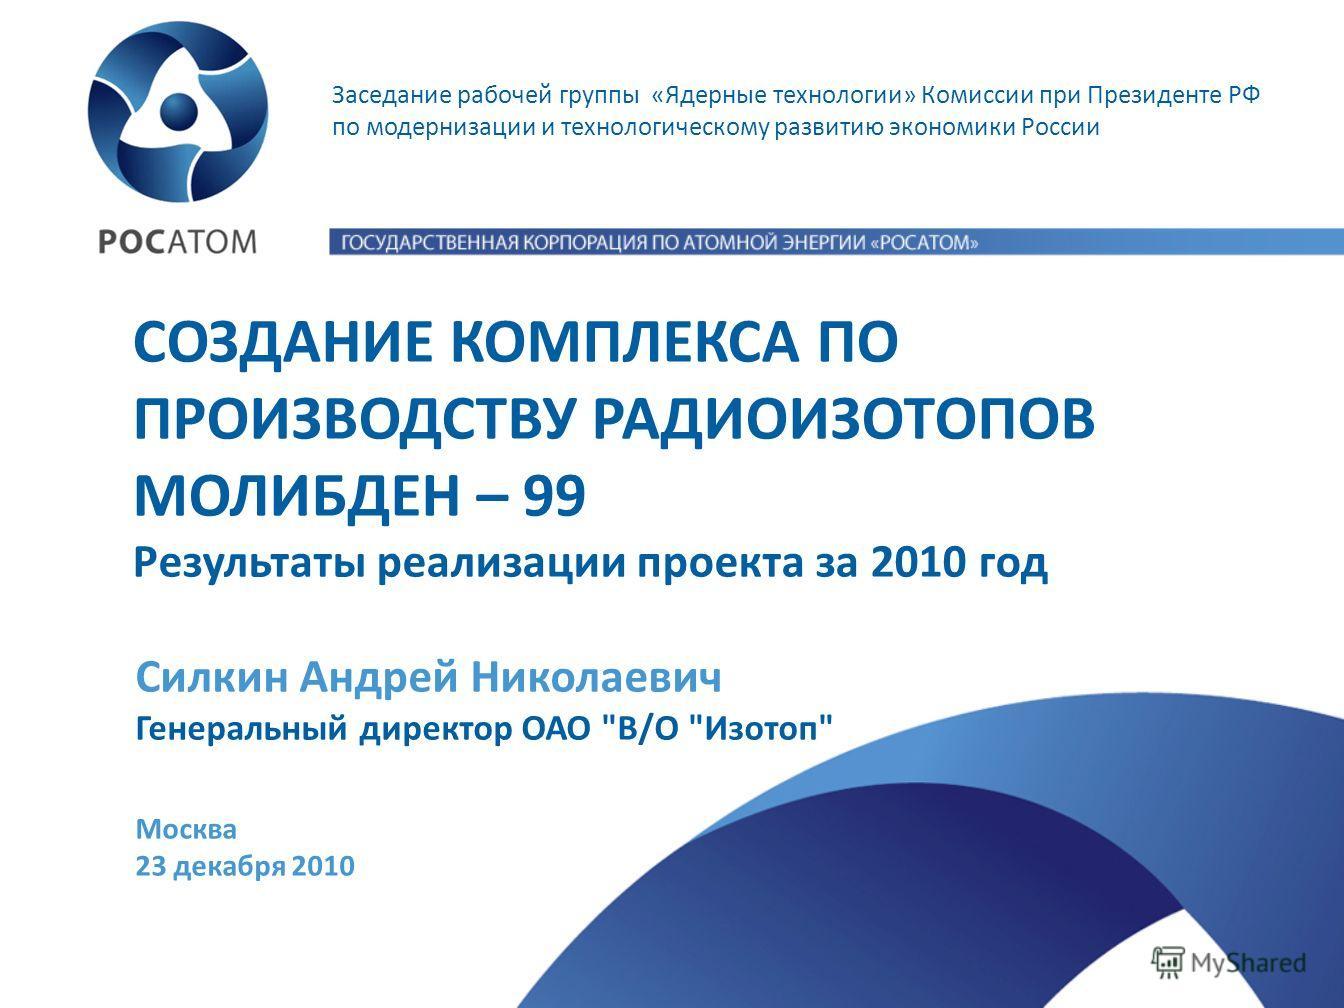 Заседание рабочей группы «Ядерные технологии» Комиссии при Президенте РФ по модернизации и технологическому развитию экономики России СОЗДАНИЕ КОМПЛЕКСА ПО ПРОИЗВОДСТВУ РАДИОИЗОТОПОВ МОЛИБДЕН – 99 Результаты реализации проекта за 2010 год Москва 23 д